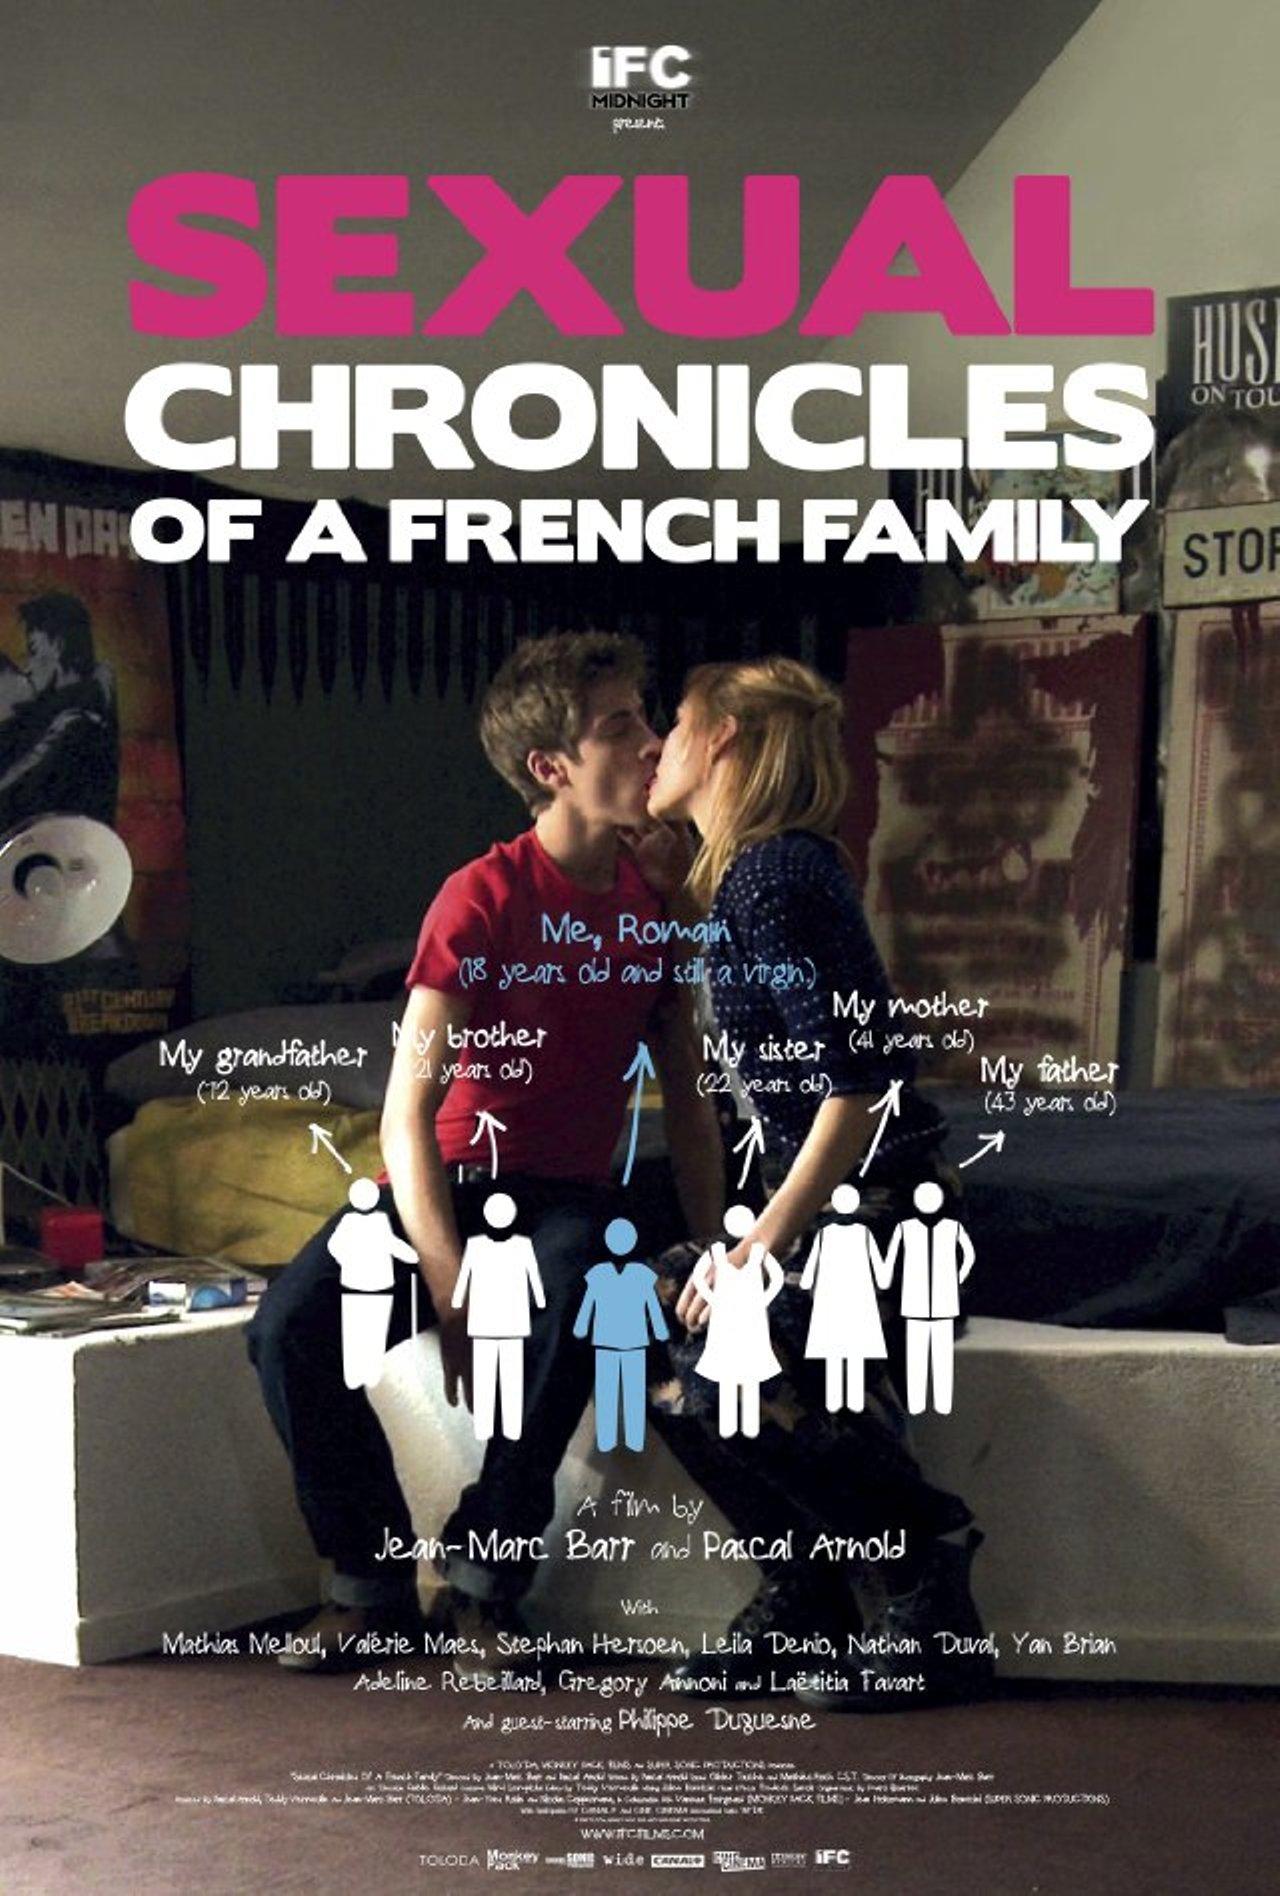 Франция сексуальные фото 21 фотография